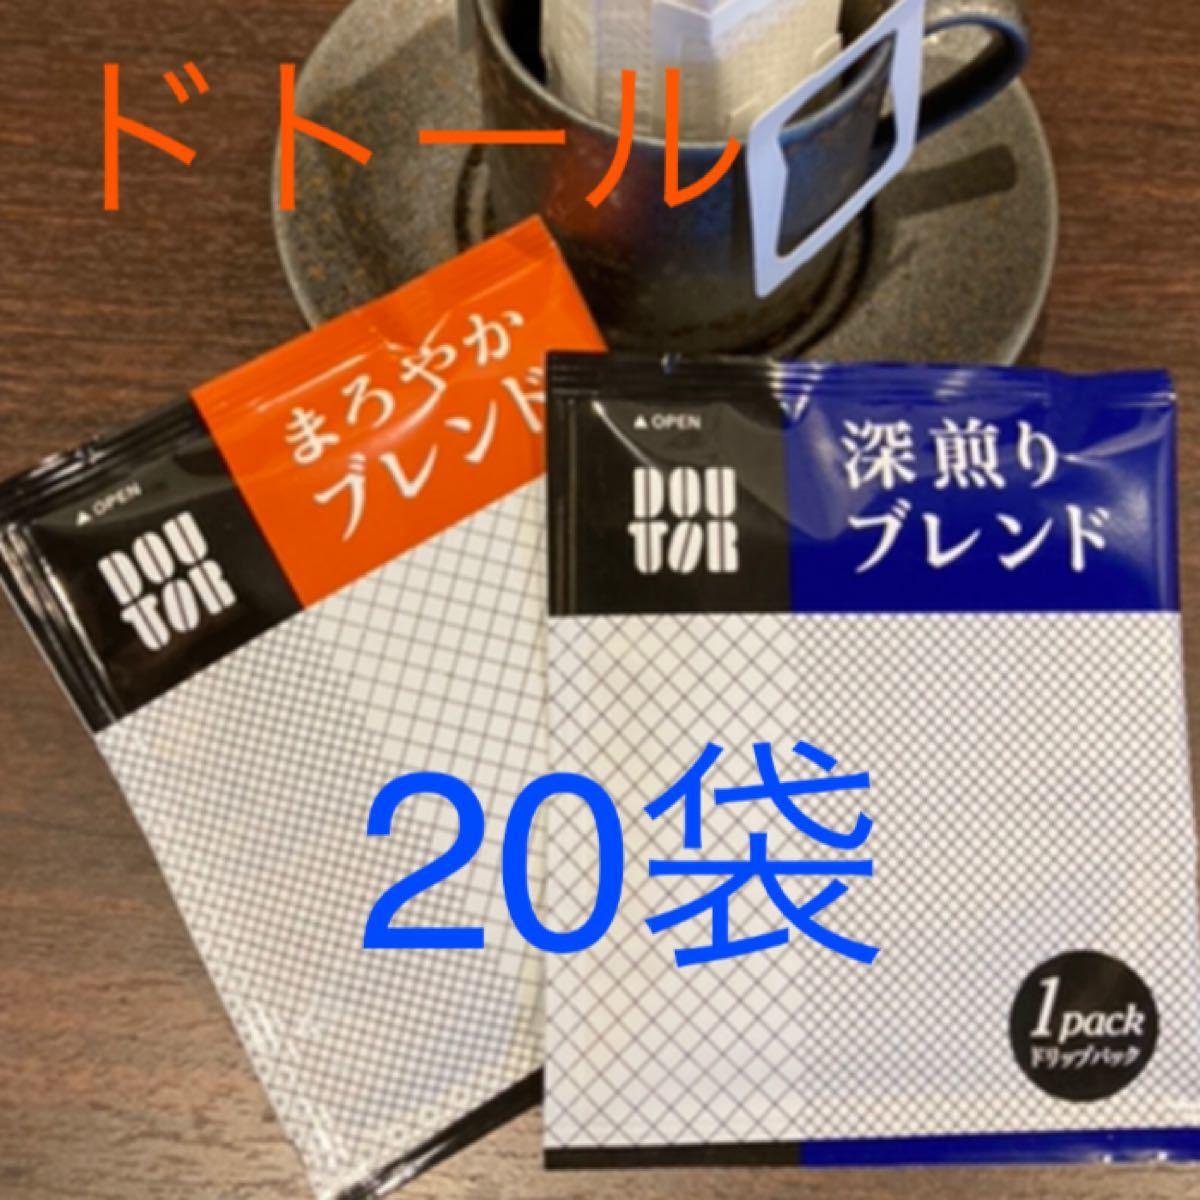 ドトールドリップコーヒー 2種20袋